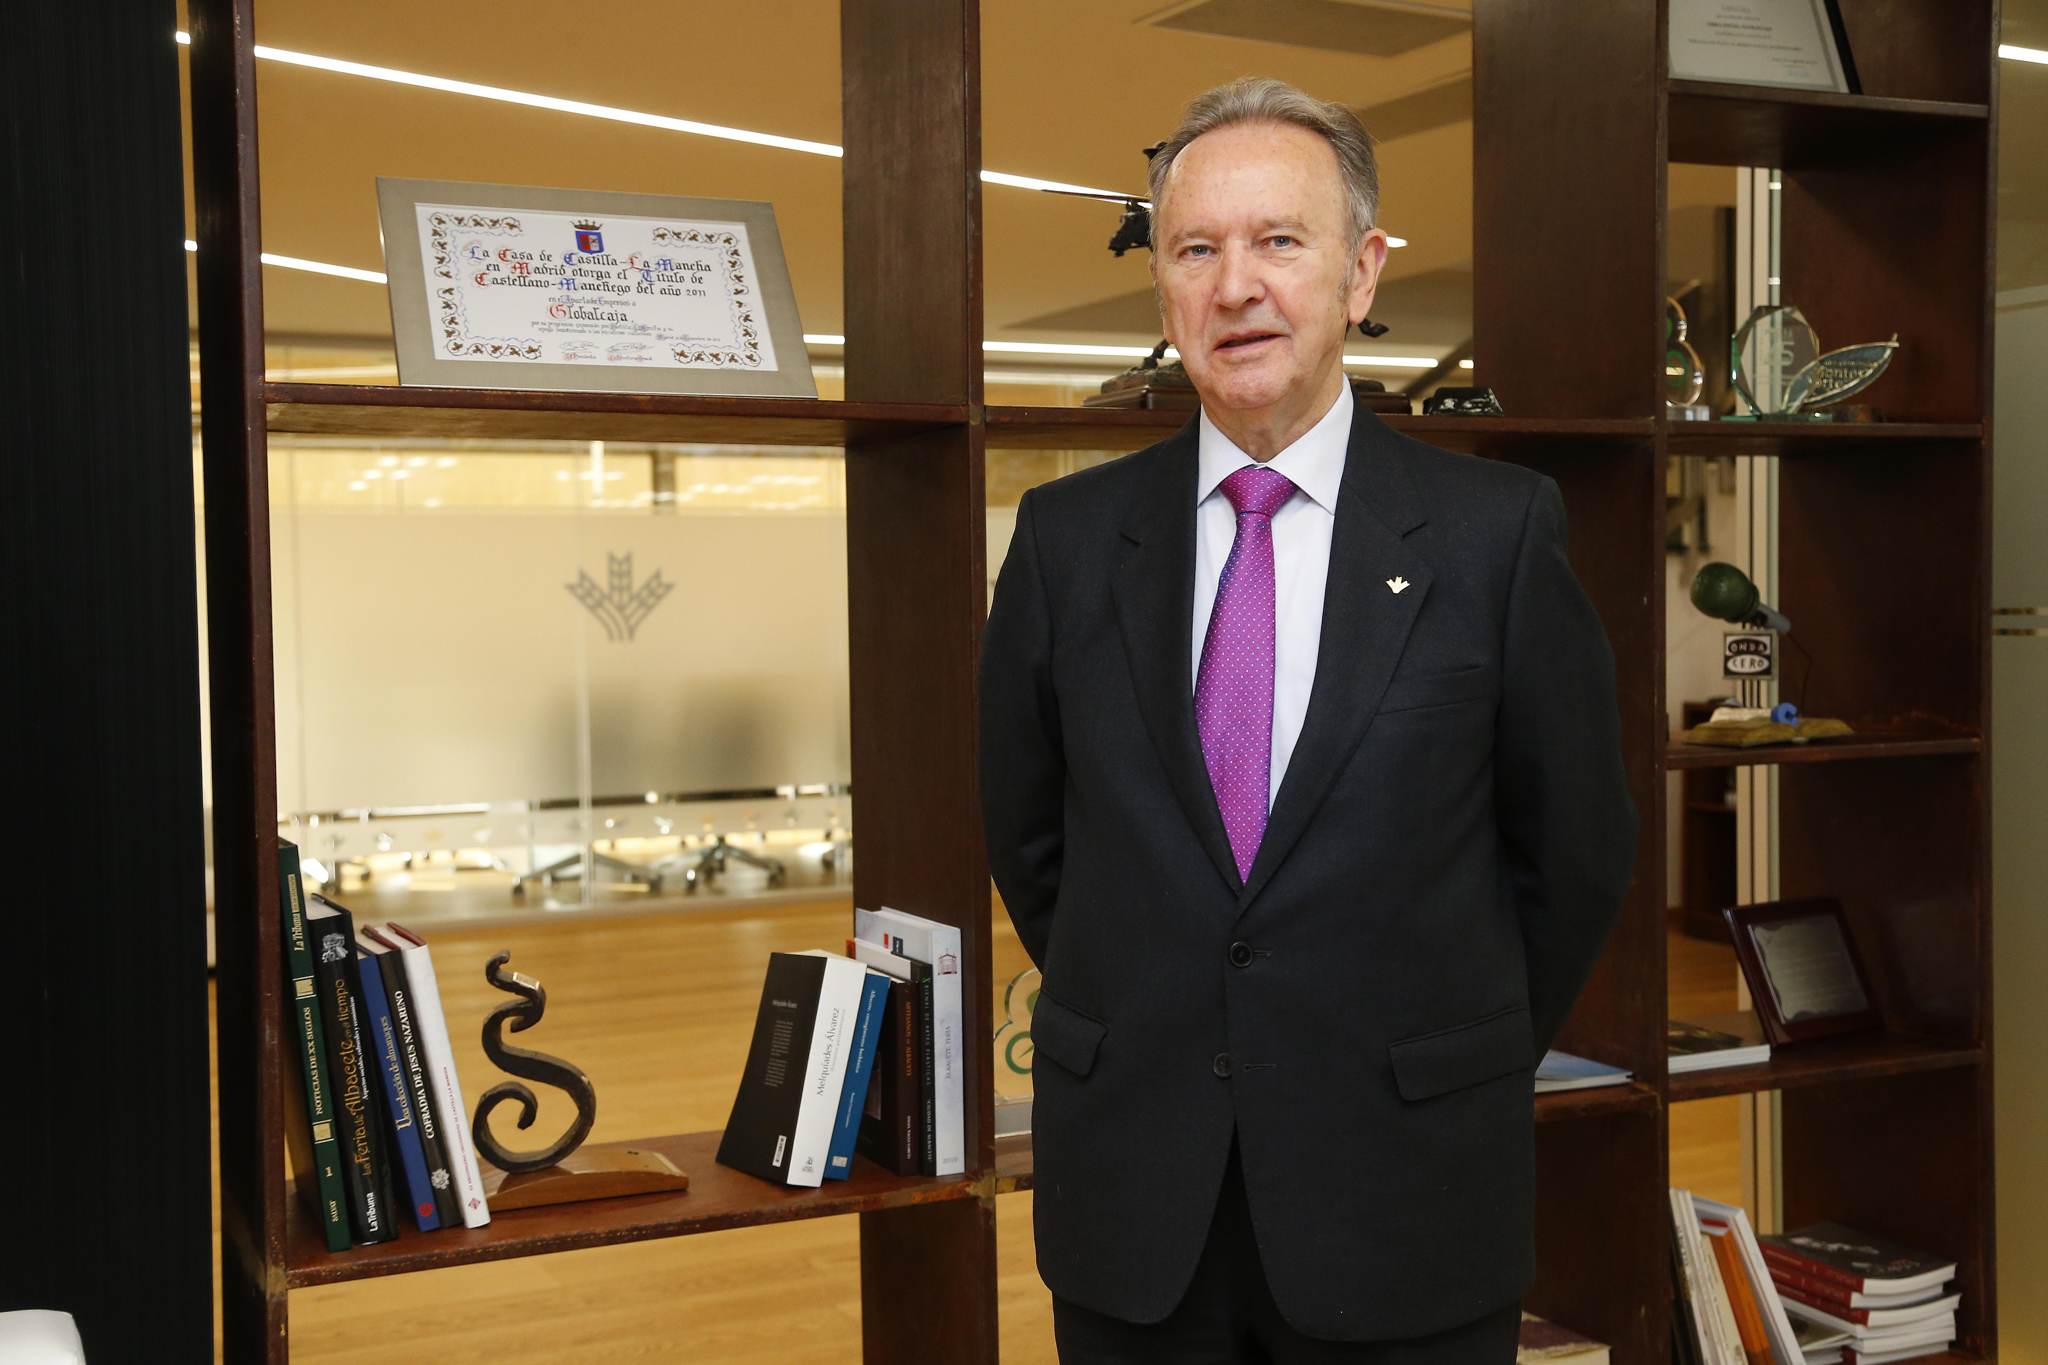 https://blog.globalcaja.es/wp-content/uploads/2017/09/Presidente-2017.jpg